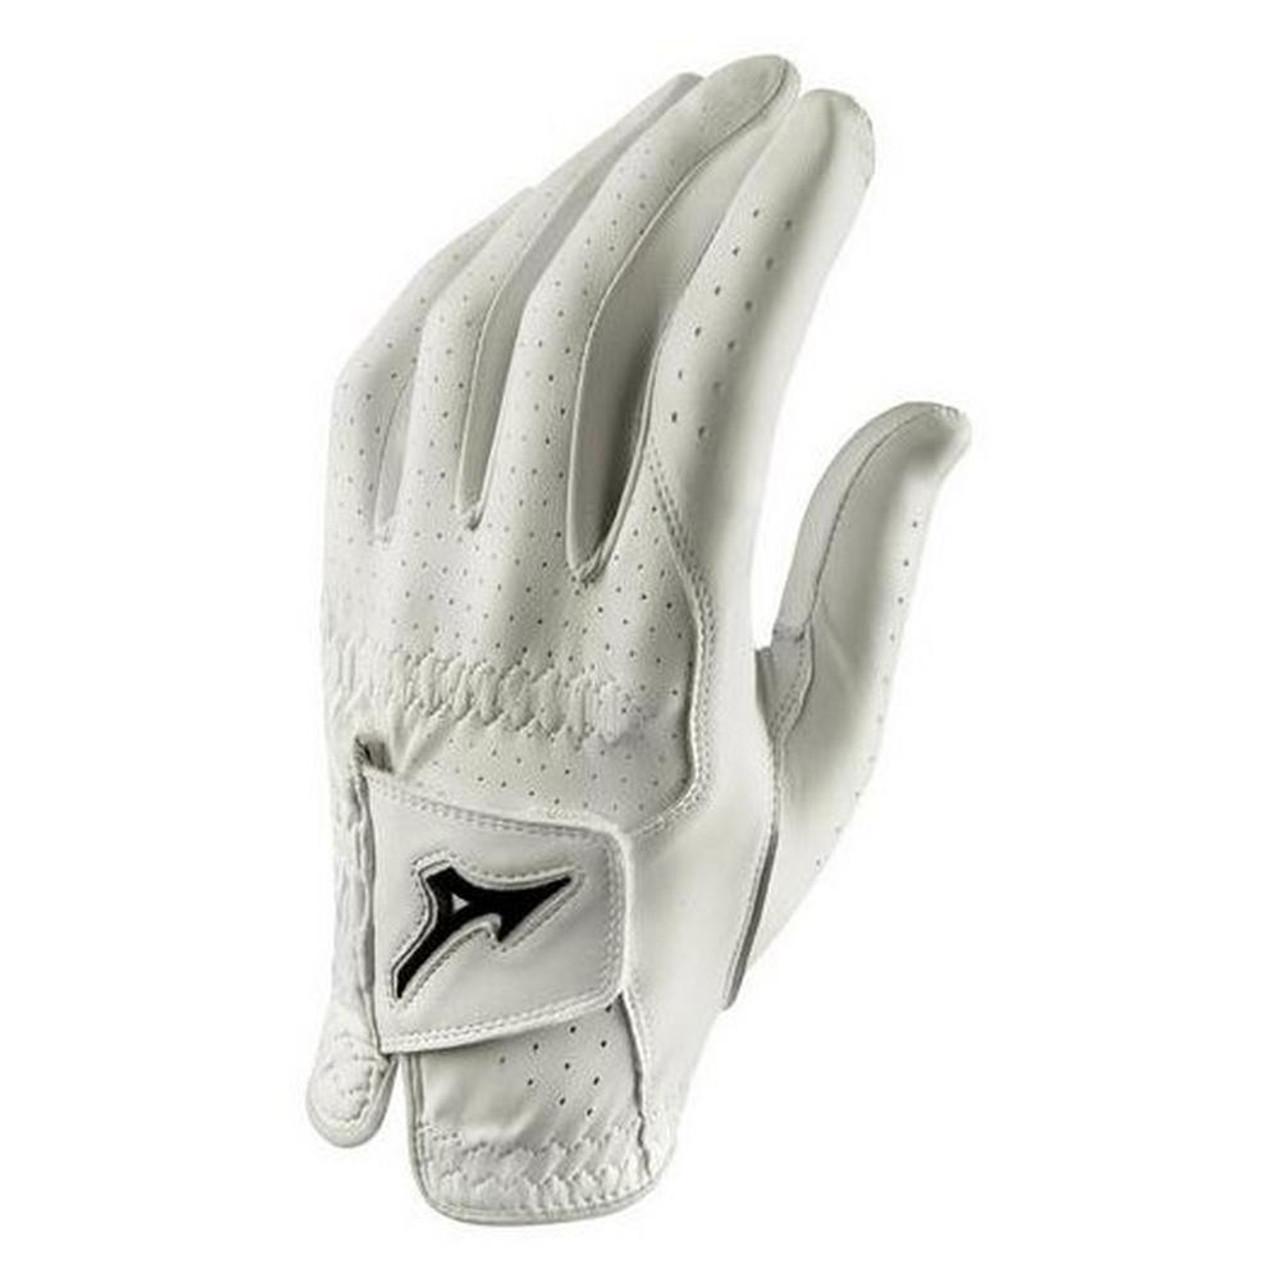 Mizuno Tour Golf Gloves Box of 6